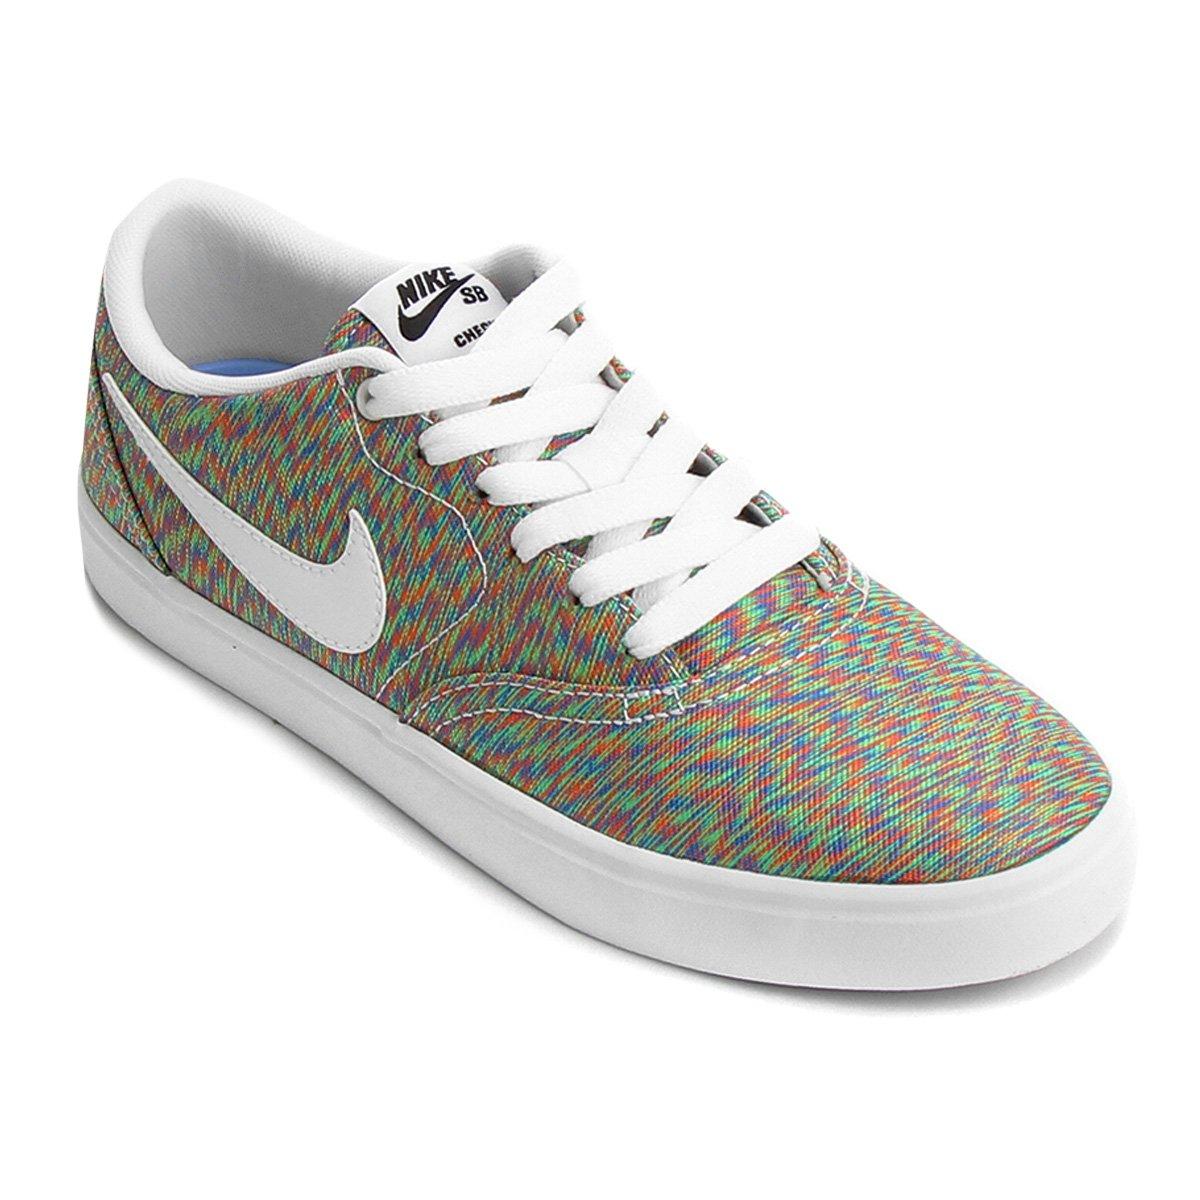 Tênis Nike Wmns Sb Check Solar Cvs P Feminino - Verde e Azul ... 0ec8f48db6cfe